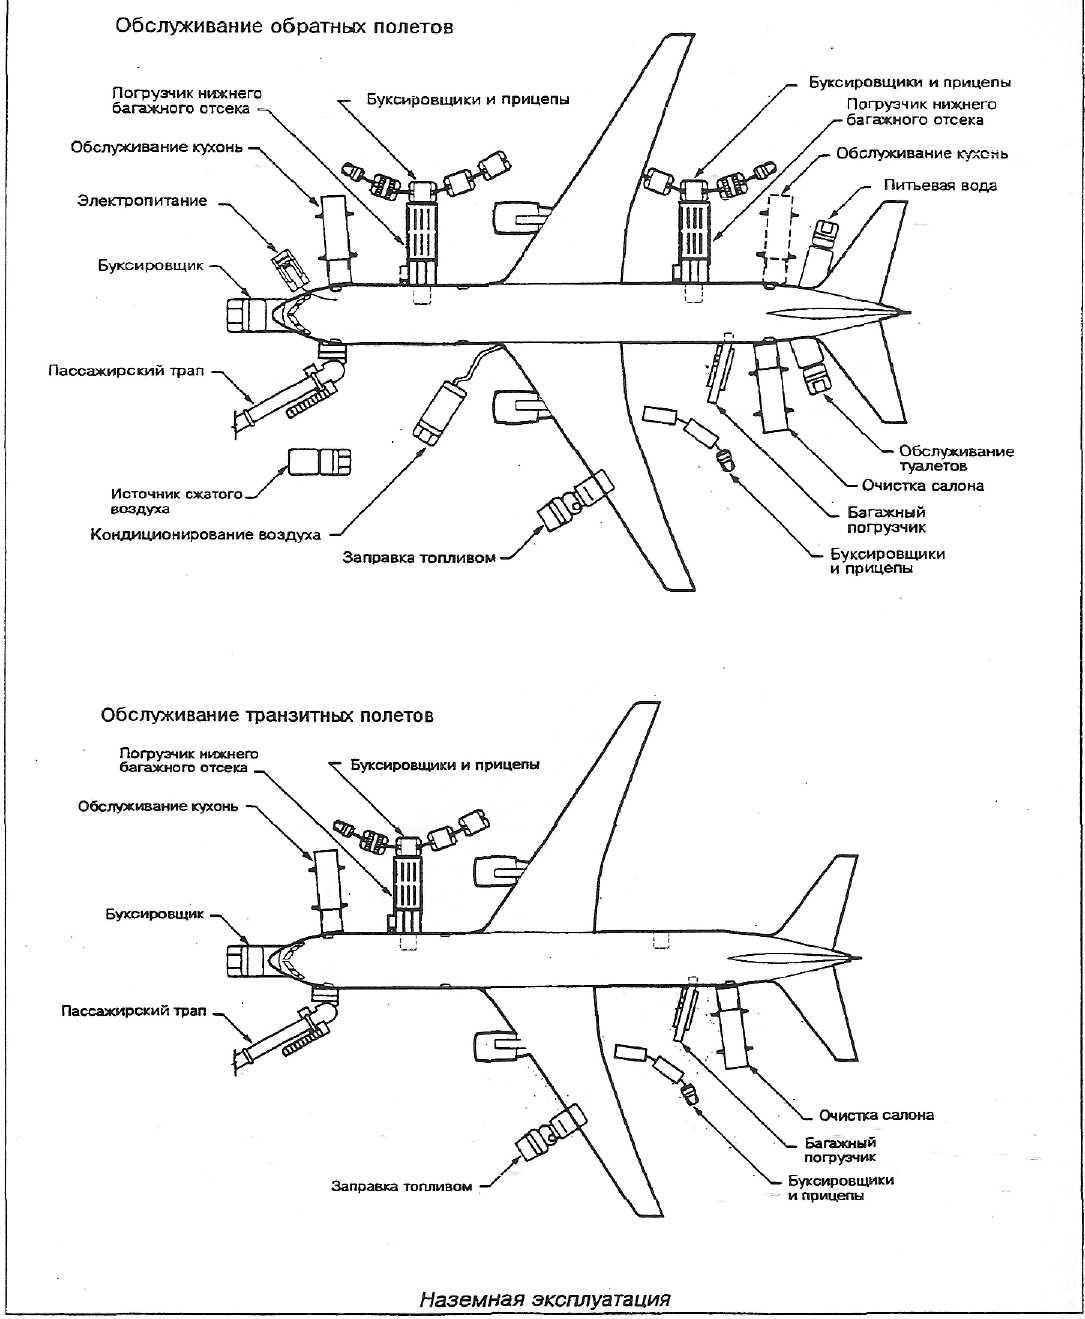 схема салона в самолете боинг 767-200 с описанием